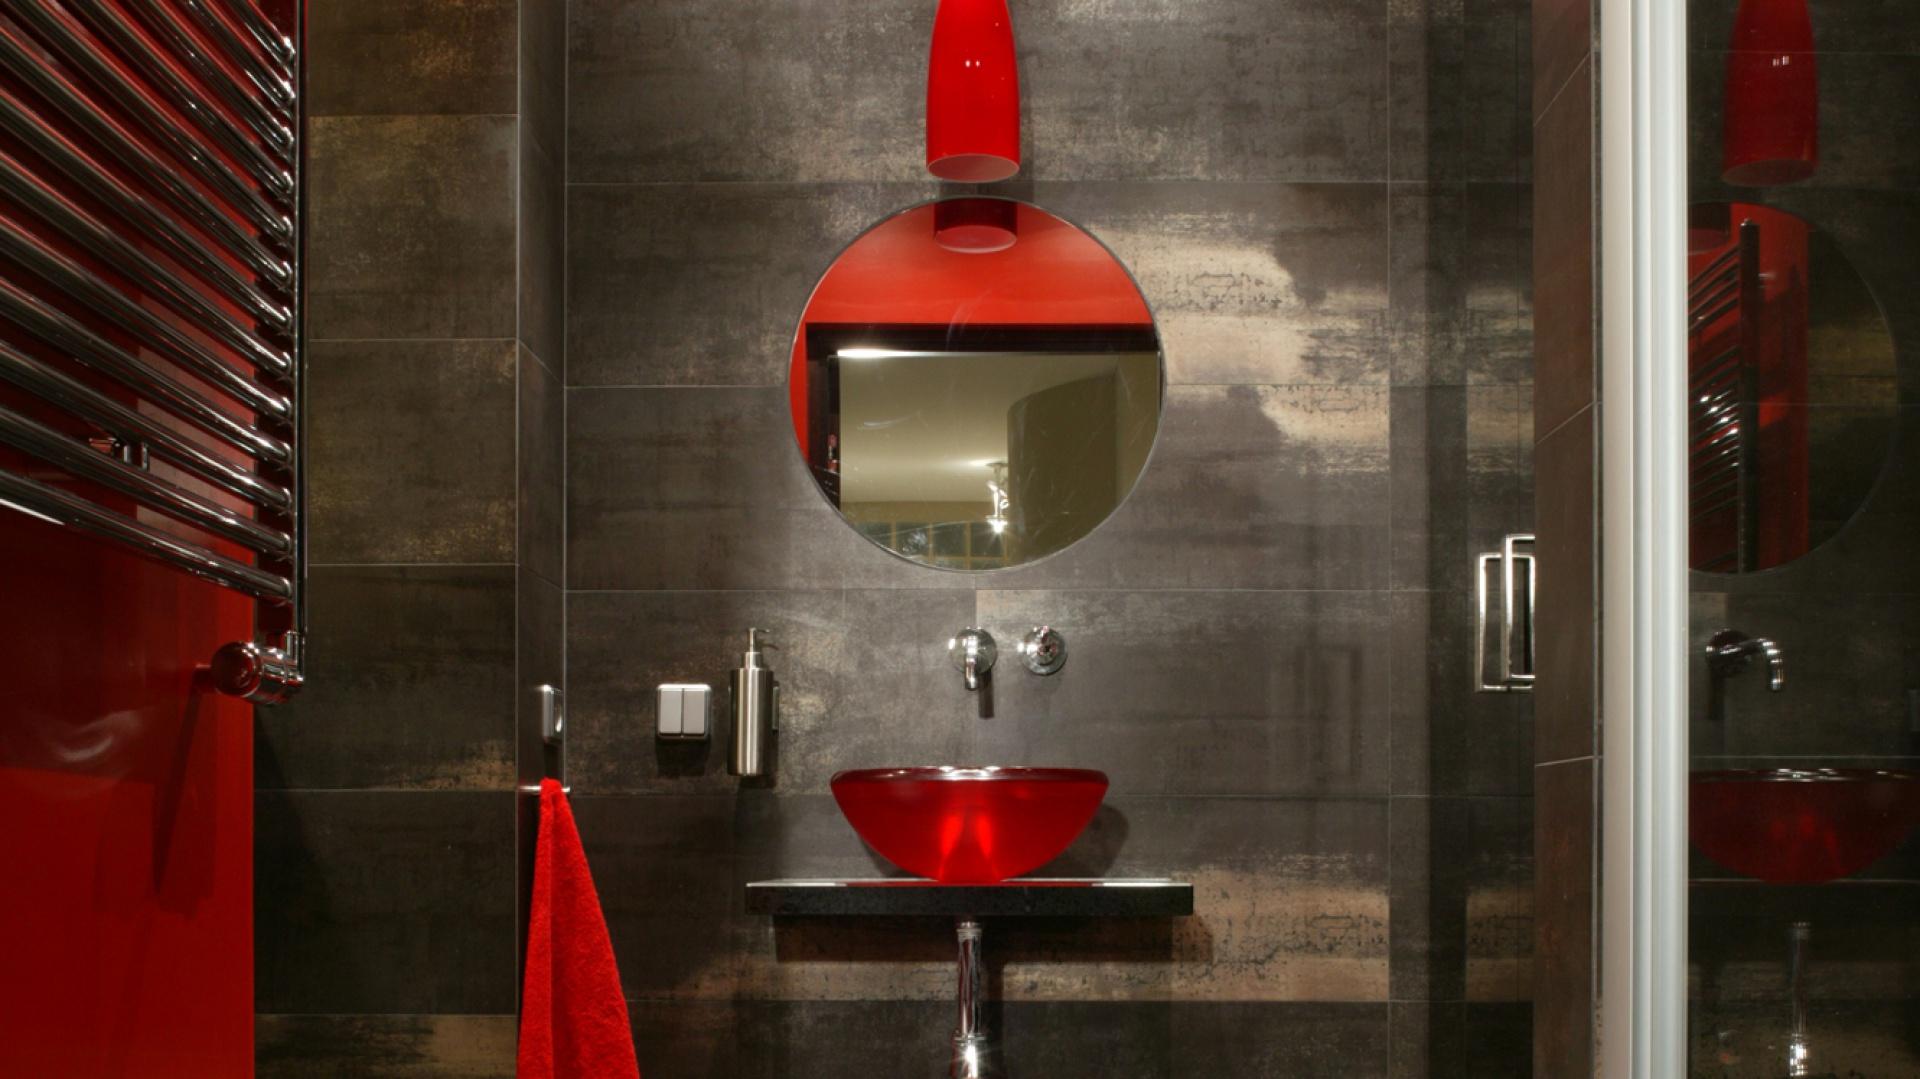 Gościnna toaleta to kwintesencja stylu mieszkania, a zarazem designerski smaczek. Ciemna tonacja wnętrza została ożywiona dokładnie zaplanowanymi detalami w energetycznym kolorze. Mozaikowy czerwony pas biegnący przez podłogę został przeniesiony na sufit. Fot. Monika Filipiuk.